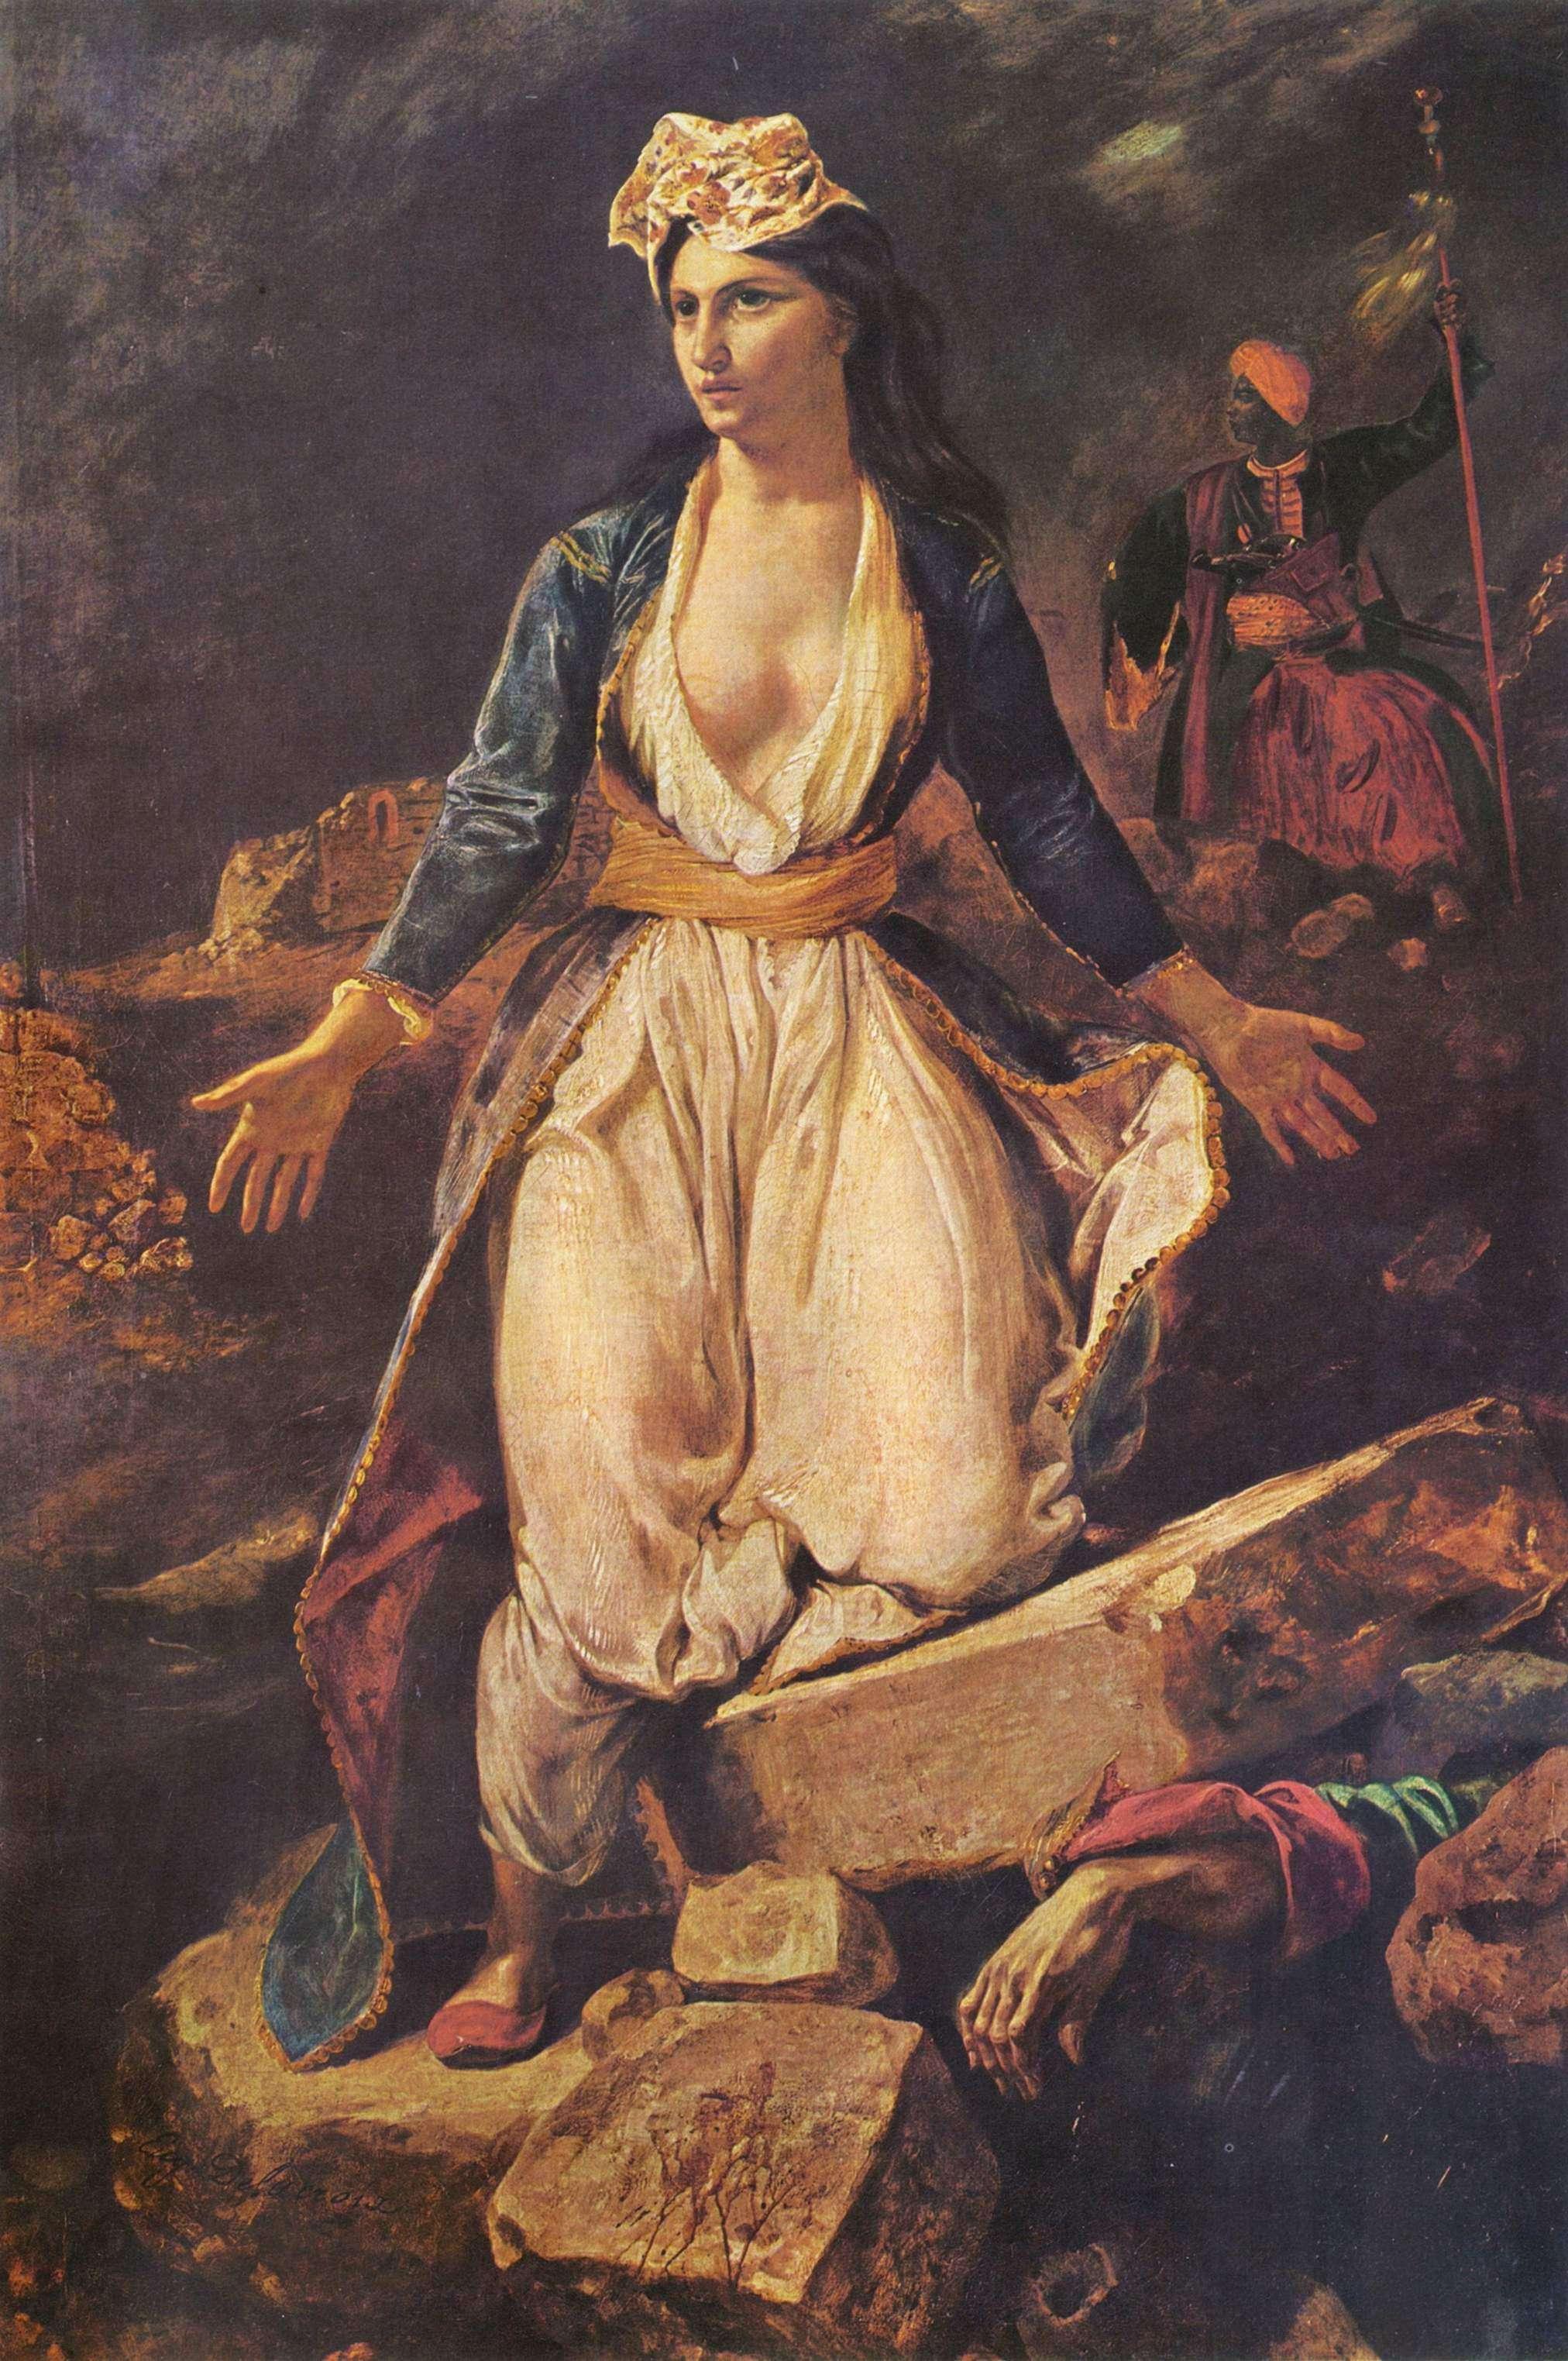 Κατεβάστε δωρεάν 25 βιβλία για την Επανάσταση του 1821 (PDF)